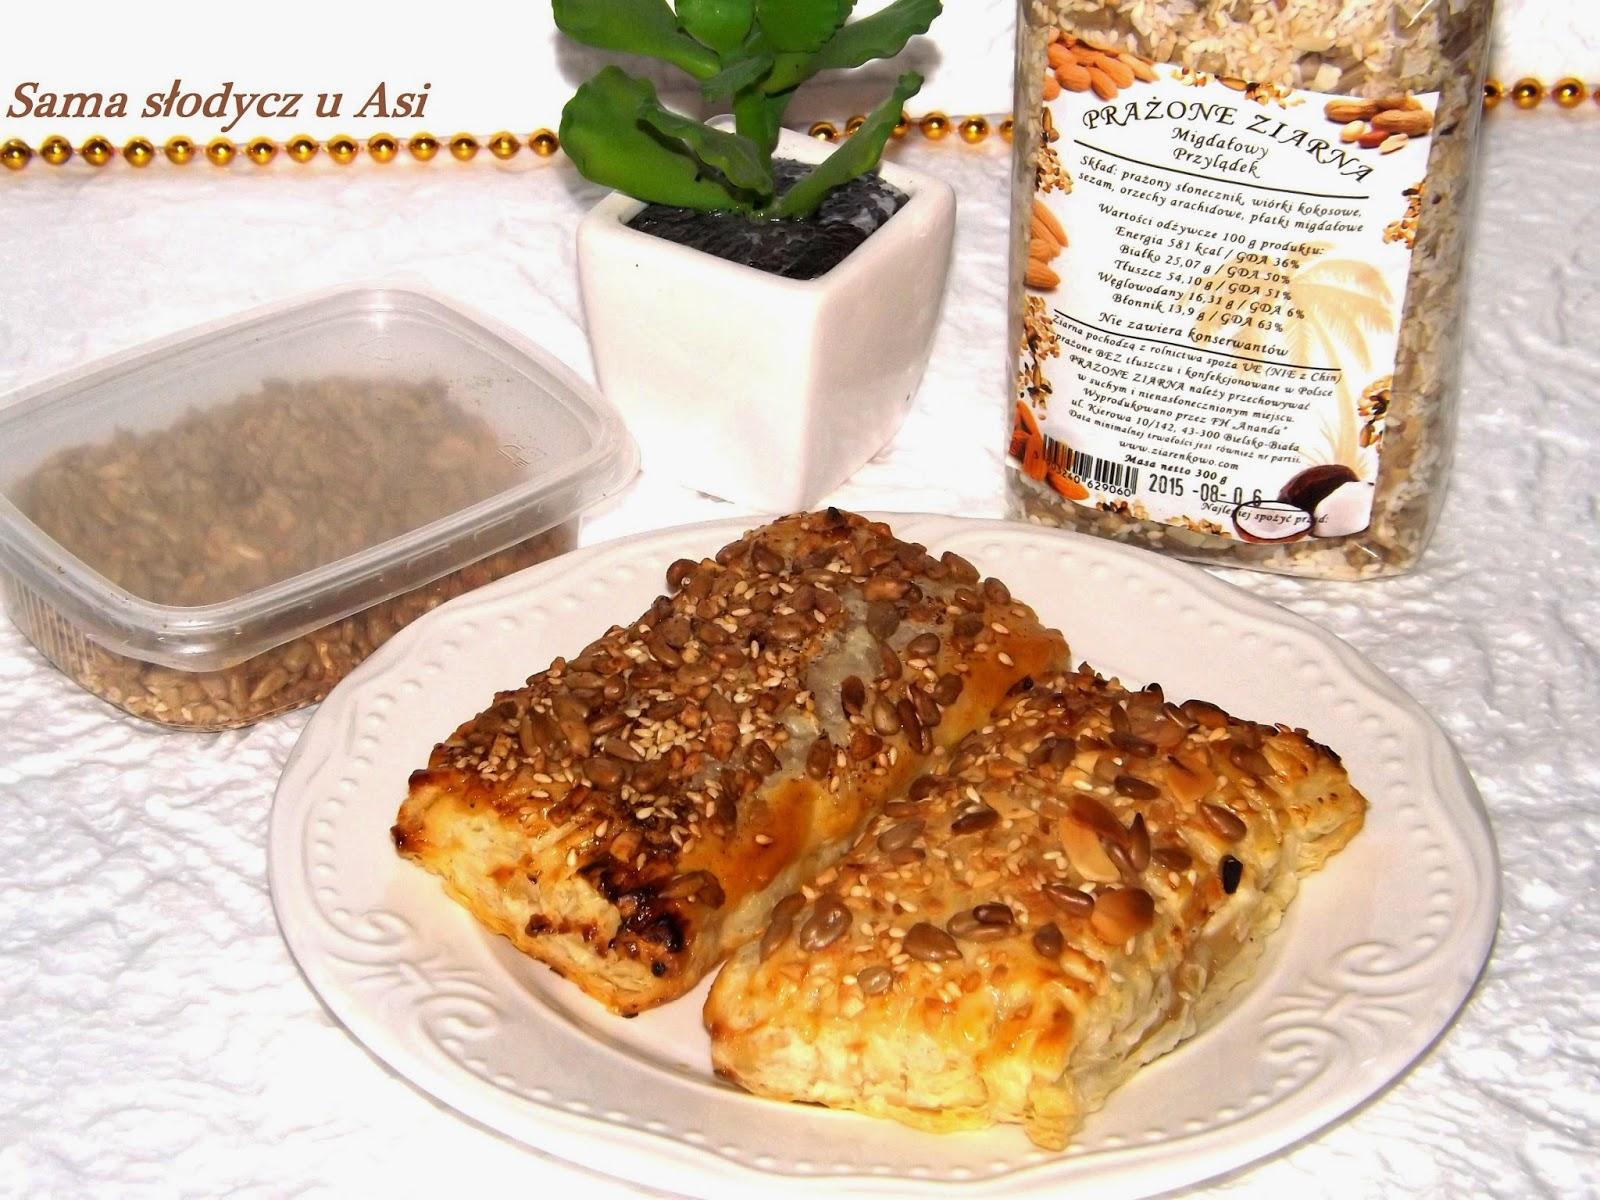 Francuskie ciasteczka z masą serowo kajmakową oraz posypką ziarenkową.